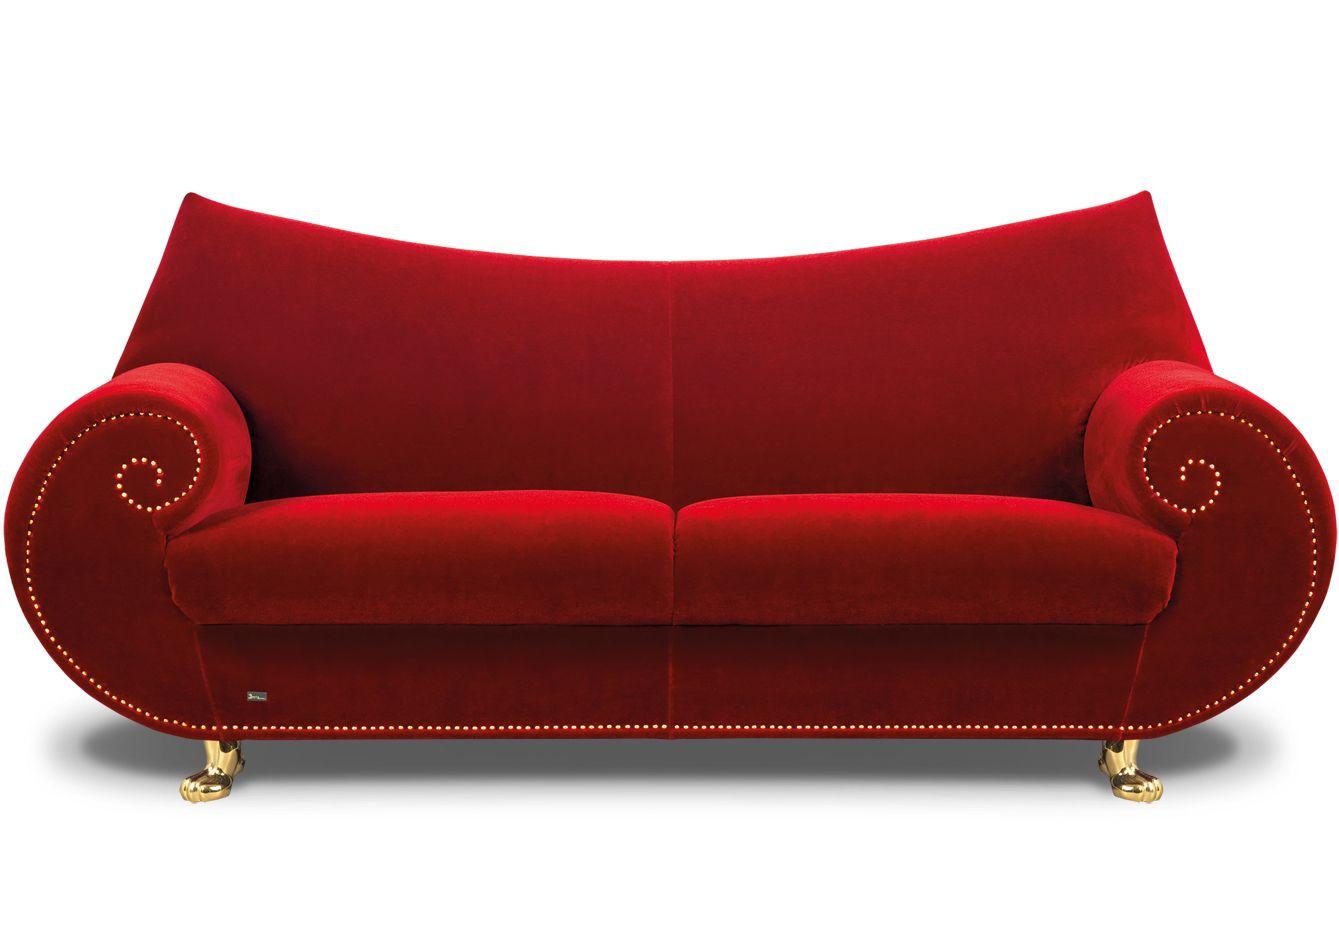 Sofa Gaudi 213cm Purpurrot | Antoni gaudi